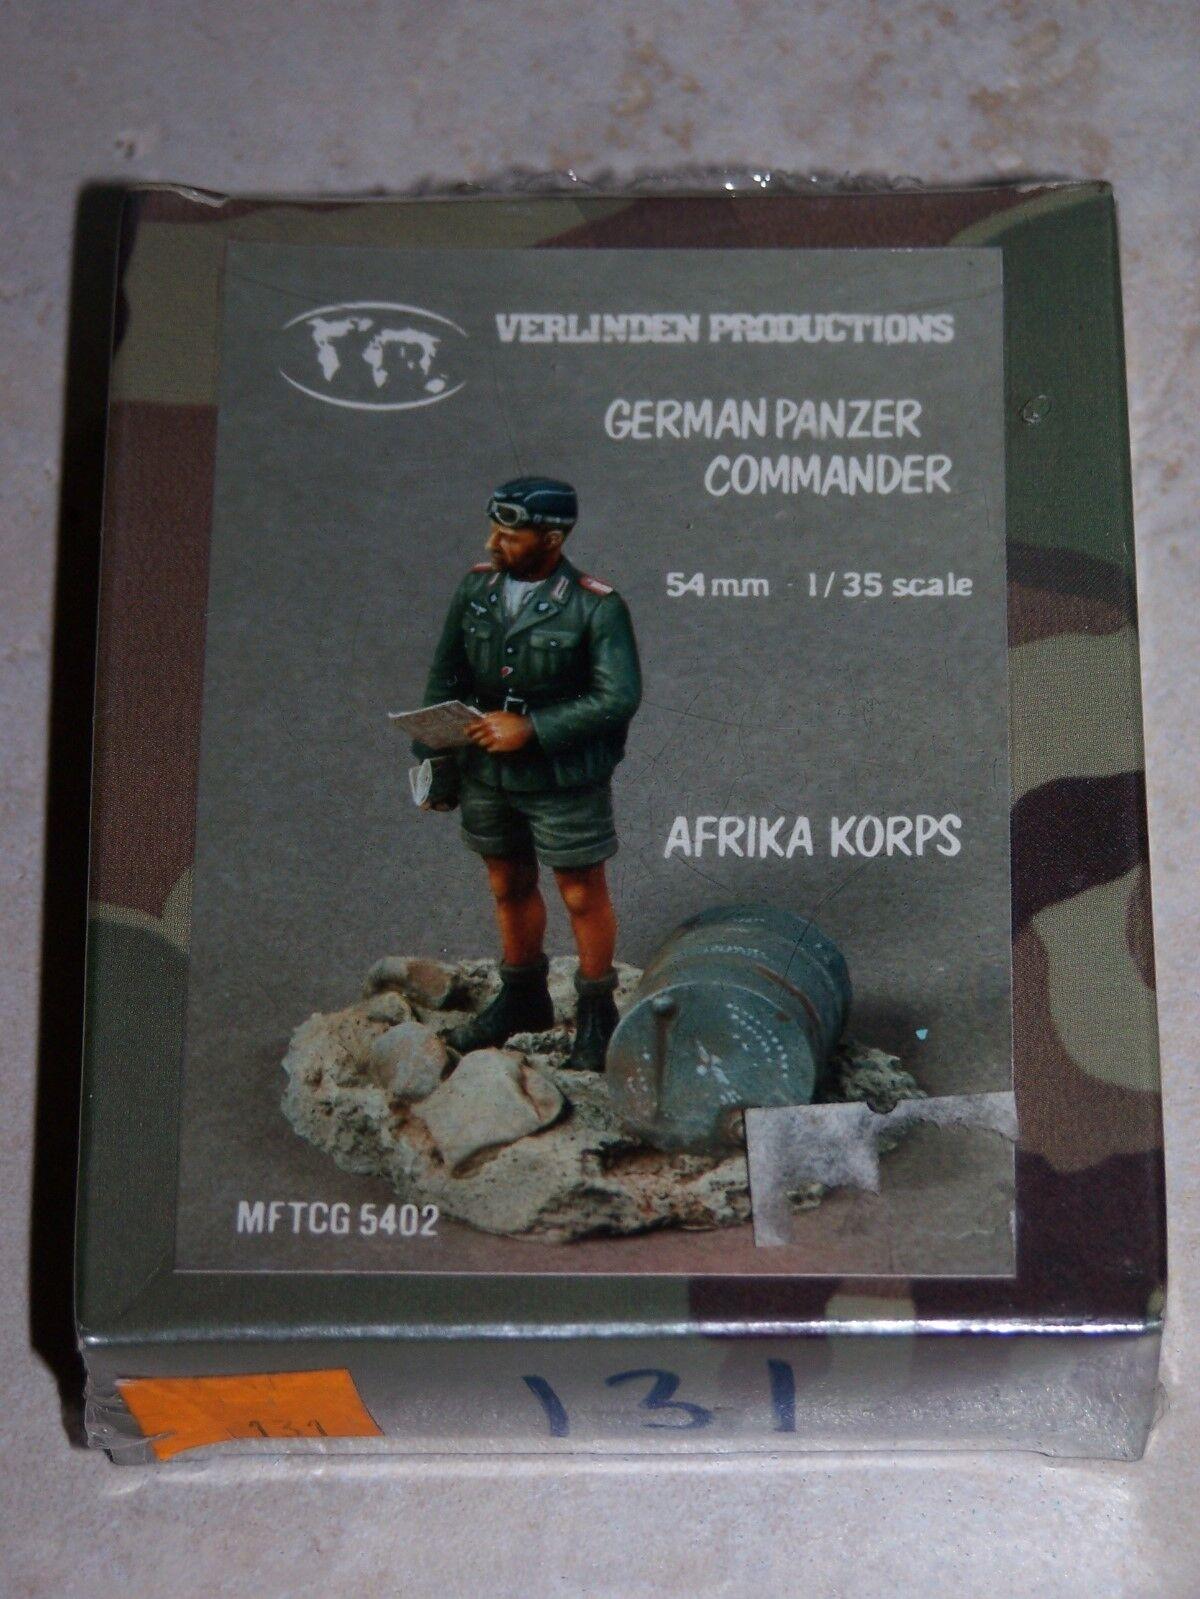 Kit Kit Kit VERLINDEN N°131 1 35ème AFRIKA KORPS GERMAN PANZER COMMANDER cc263c